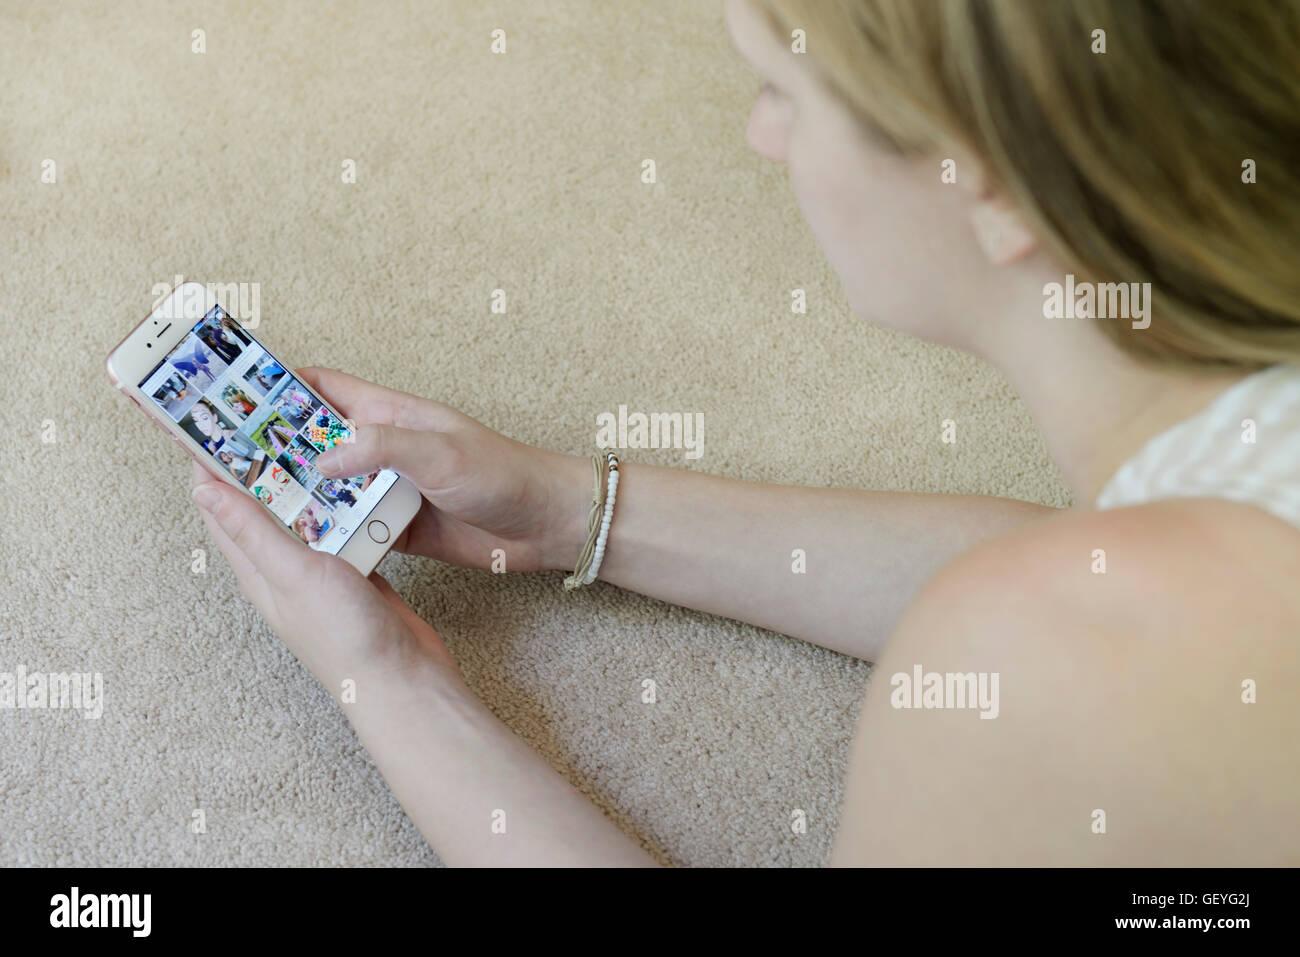 Ragazza adolescente utilizzando Instagram social media app sul suo telefono cellulare (iphone) Immagini Stock